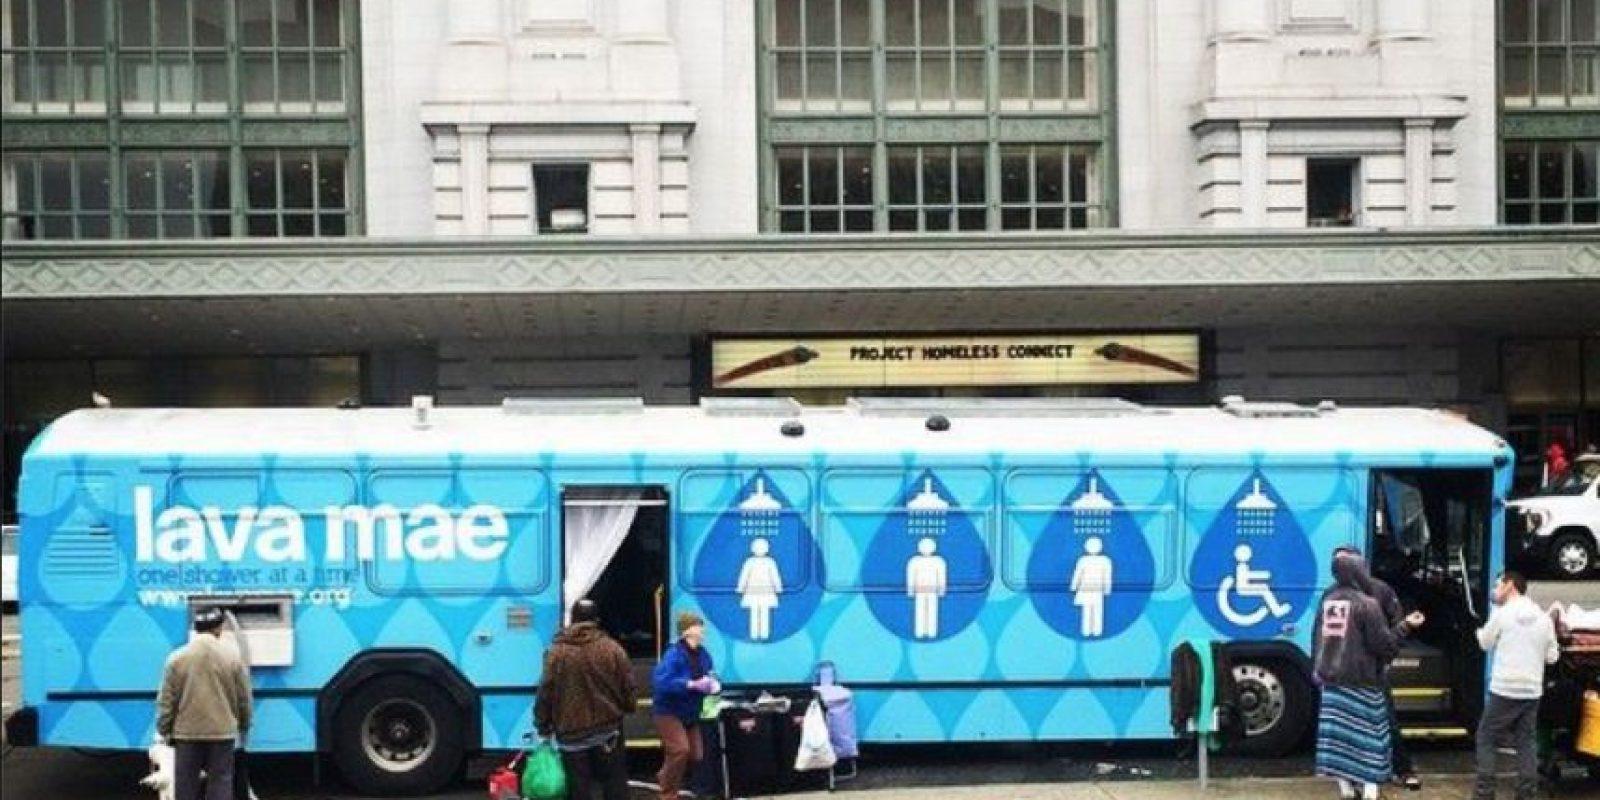 La organización Lava Mae cree que el acceso a duchas y aseos no debe ser un lujo. Foto:Vía facebook.com/LavaMae.org